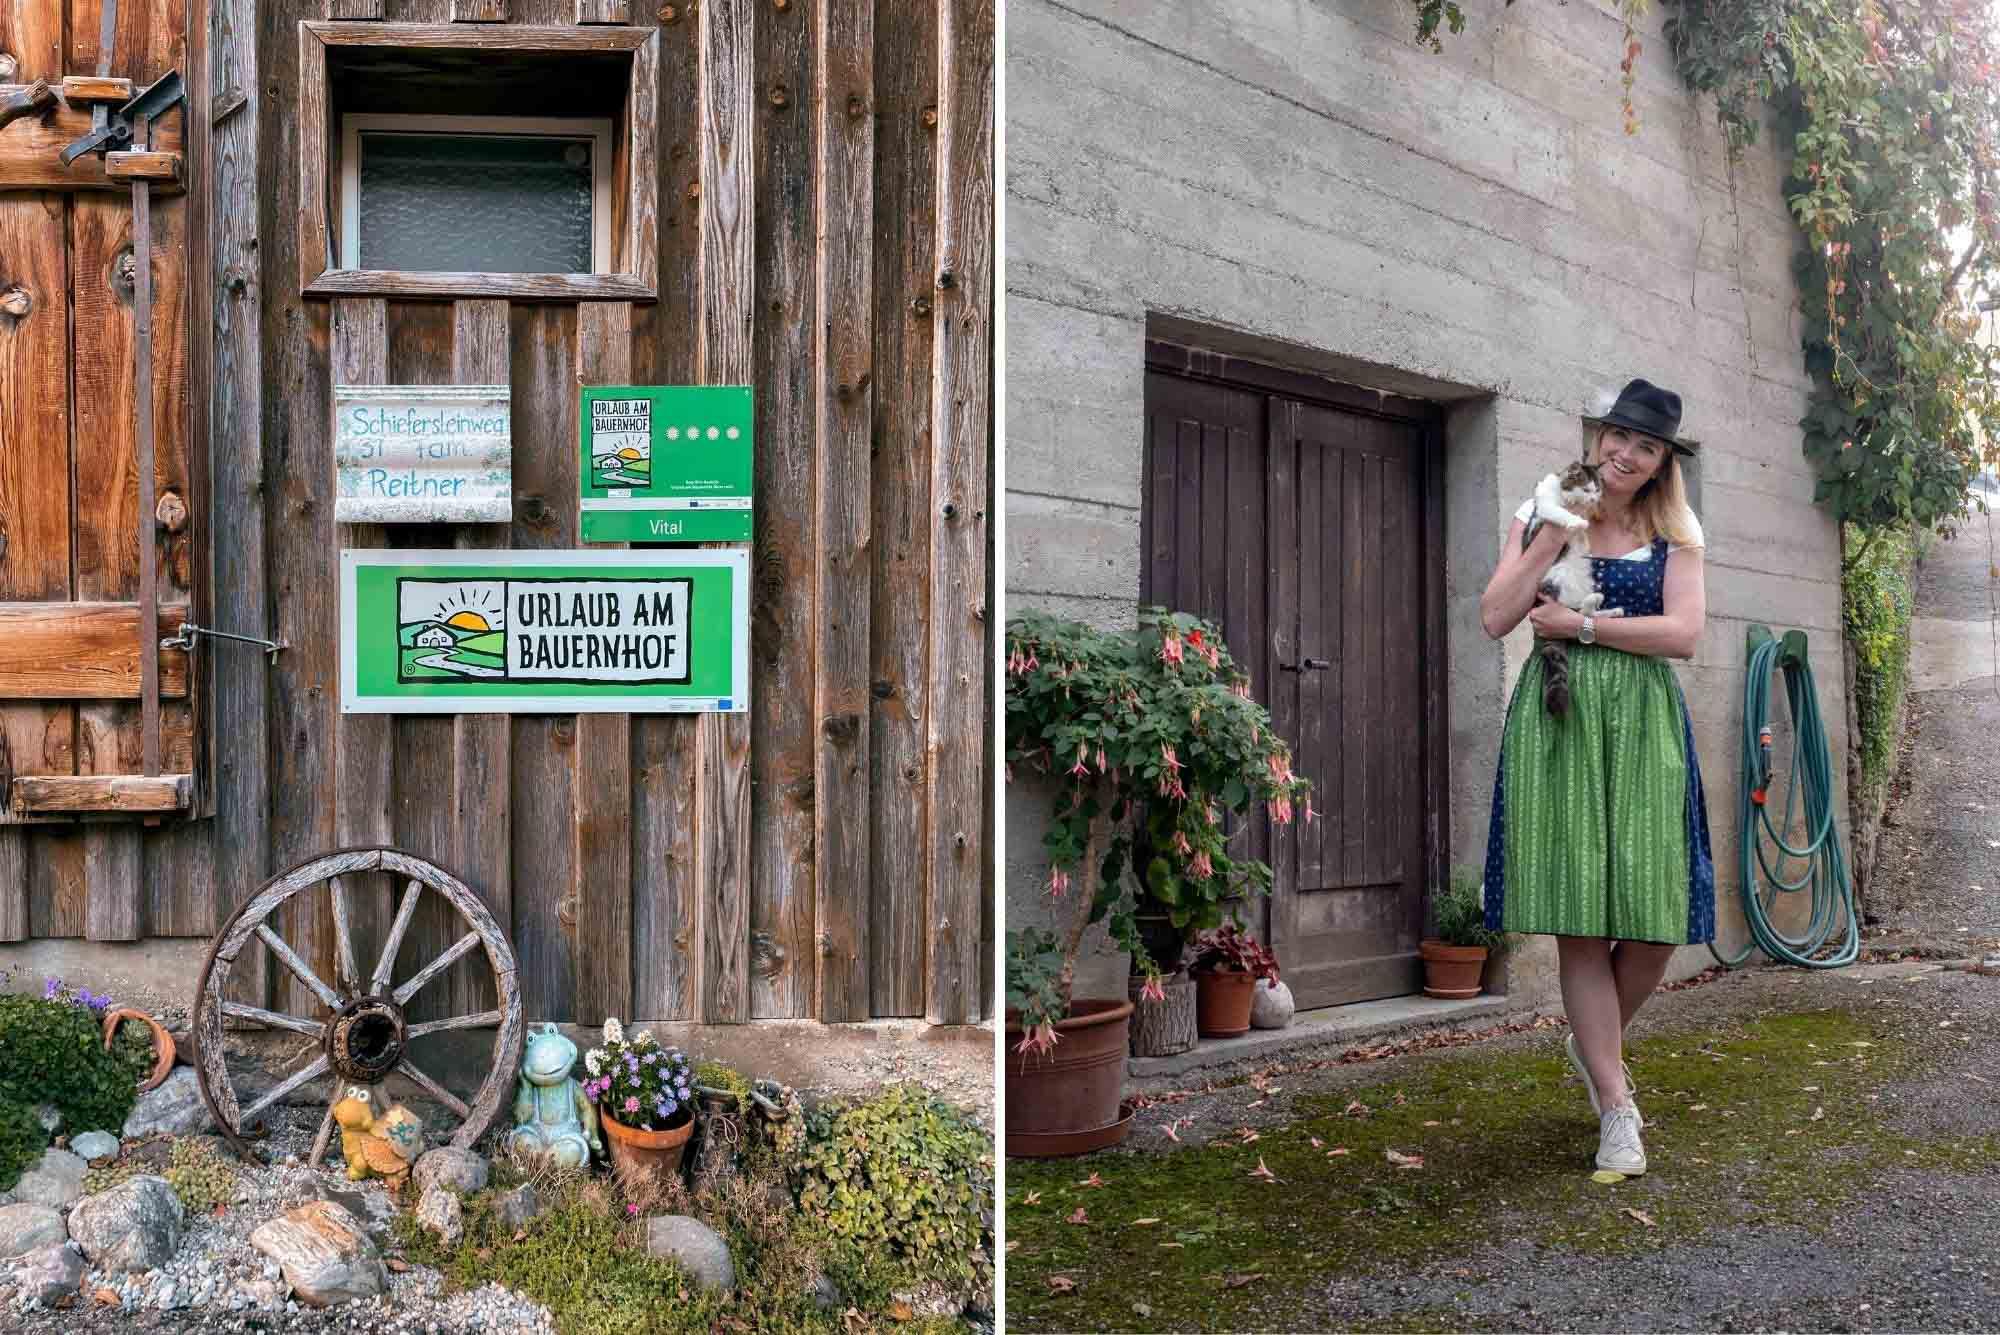 Urlaub am Bauernhof: Kräuterhof Miesrigl in Losenstein